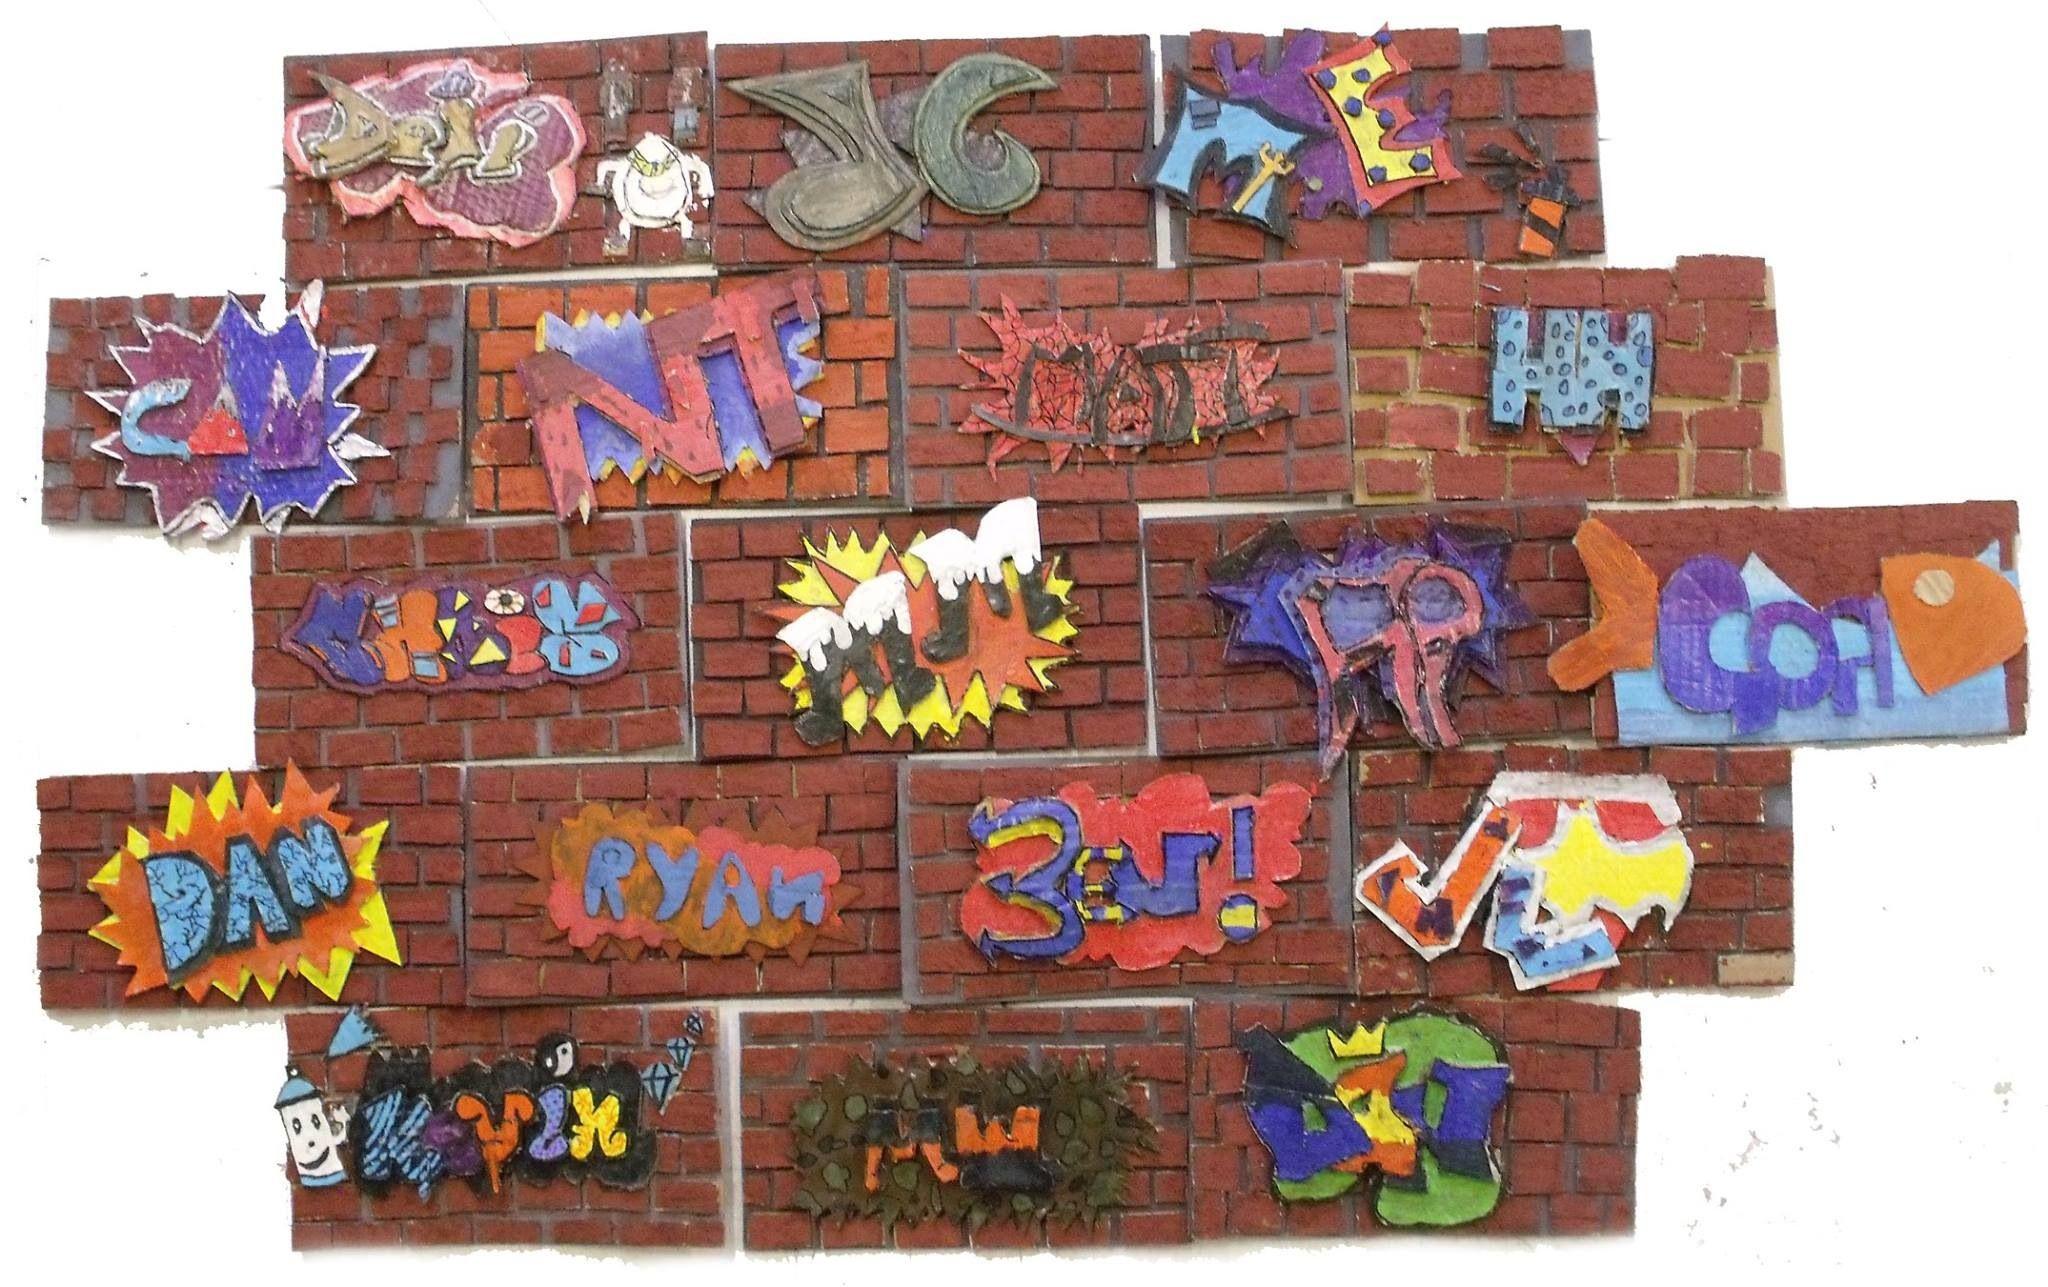 Idea for ks3 boys year 8 3d artwork street art graffiti art activities